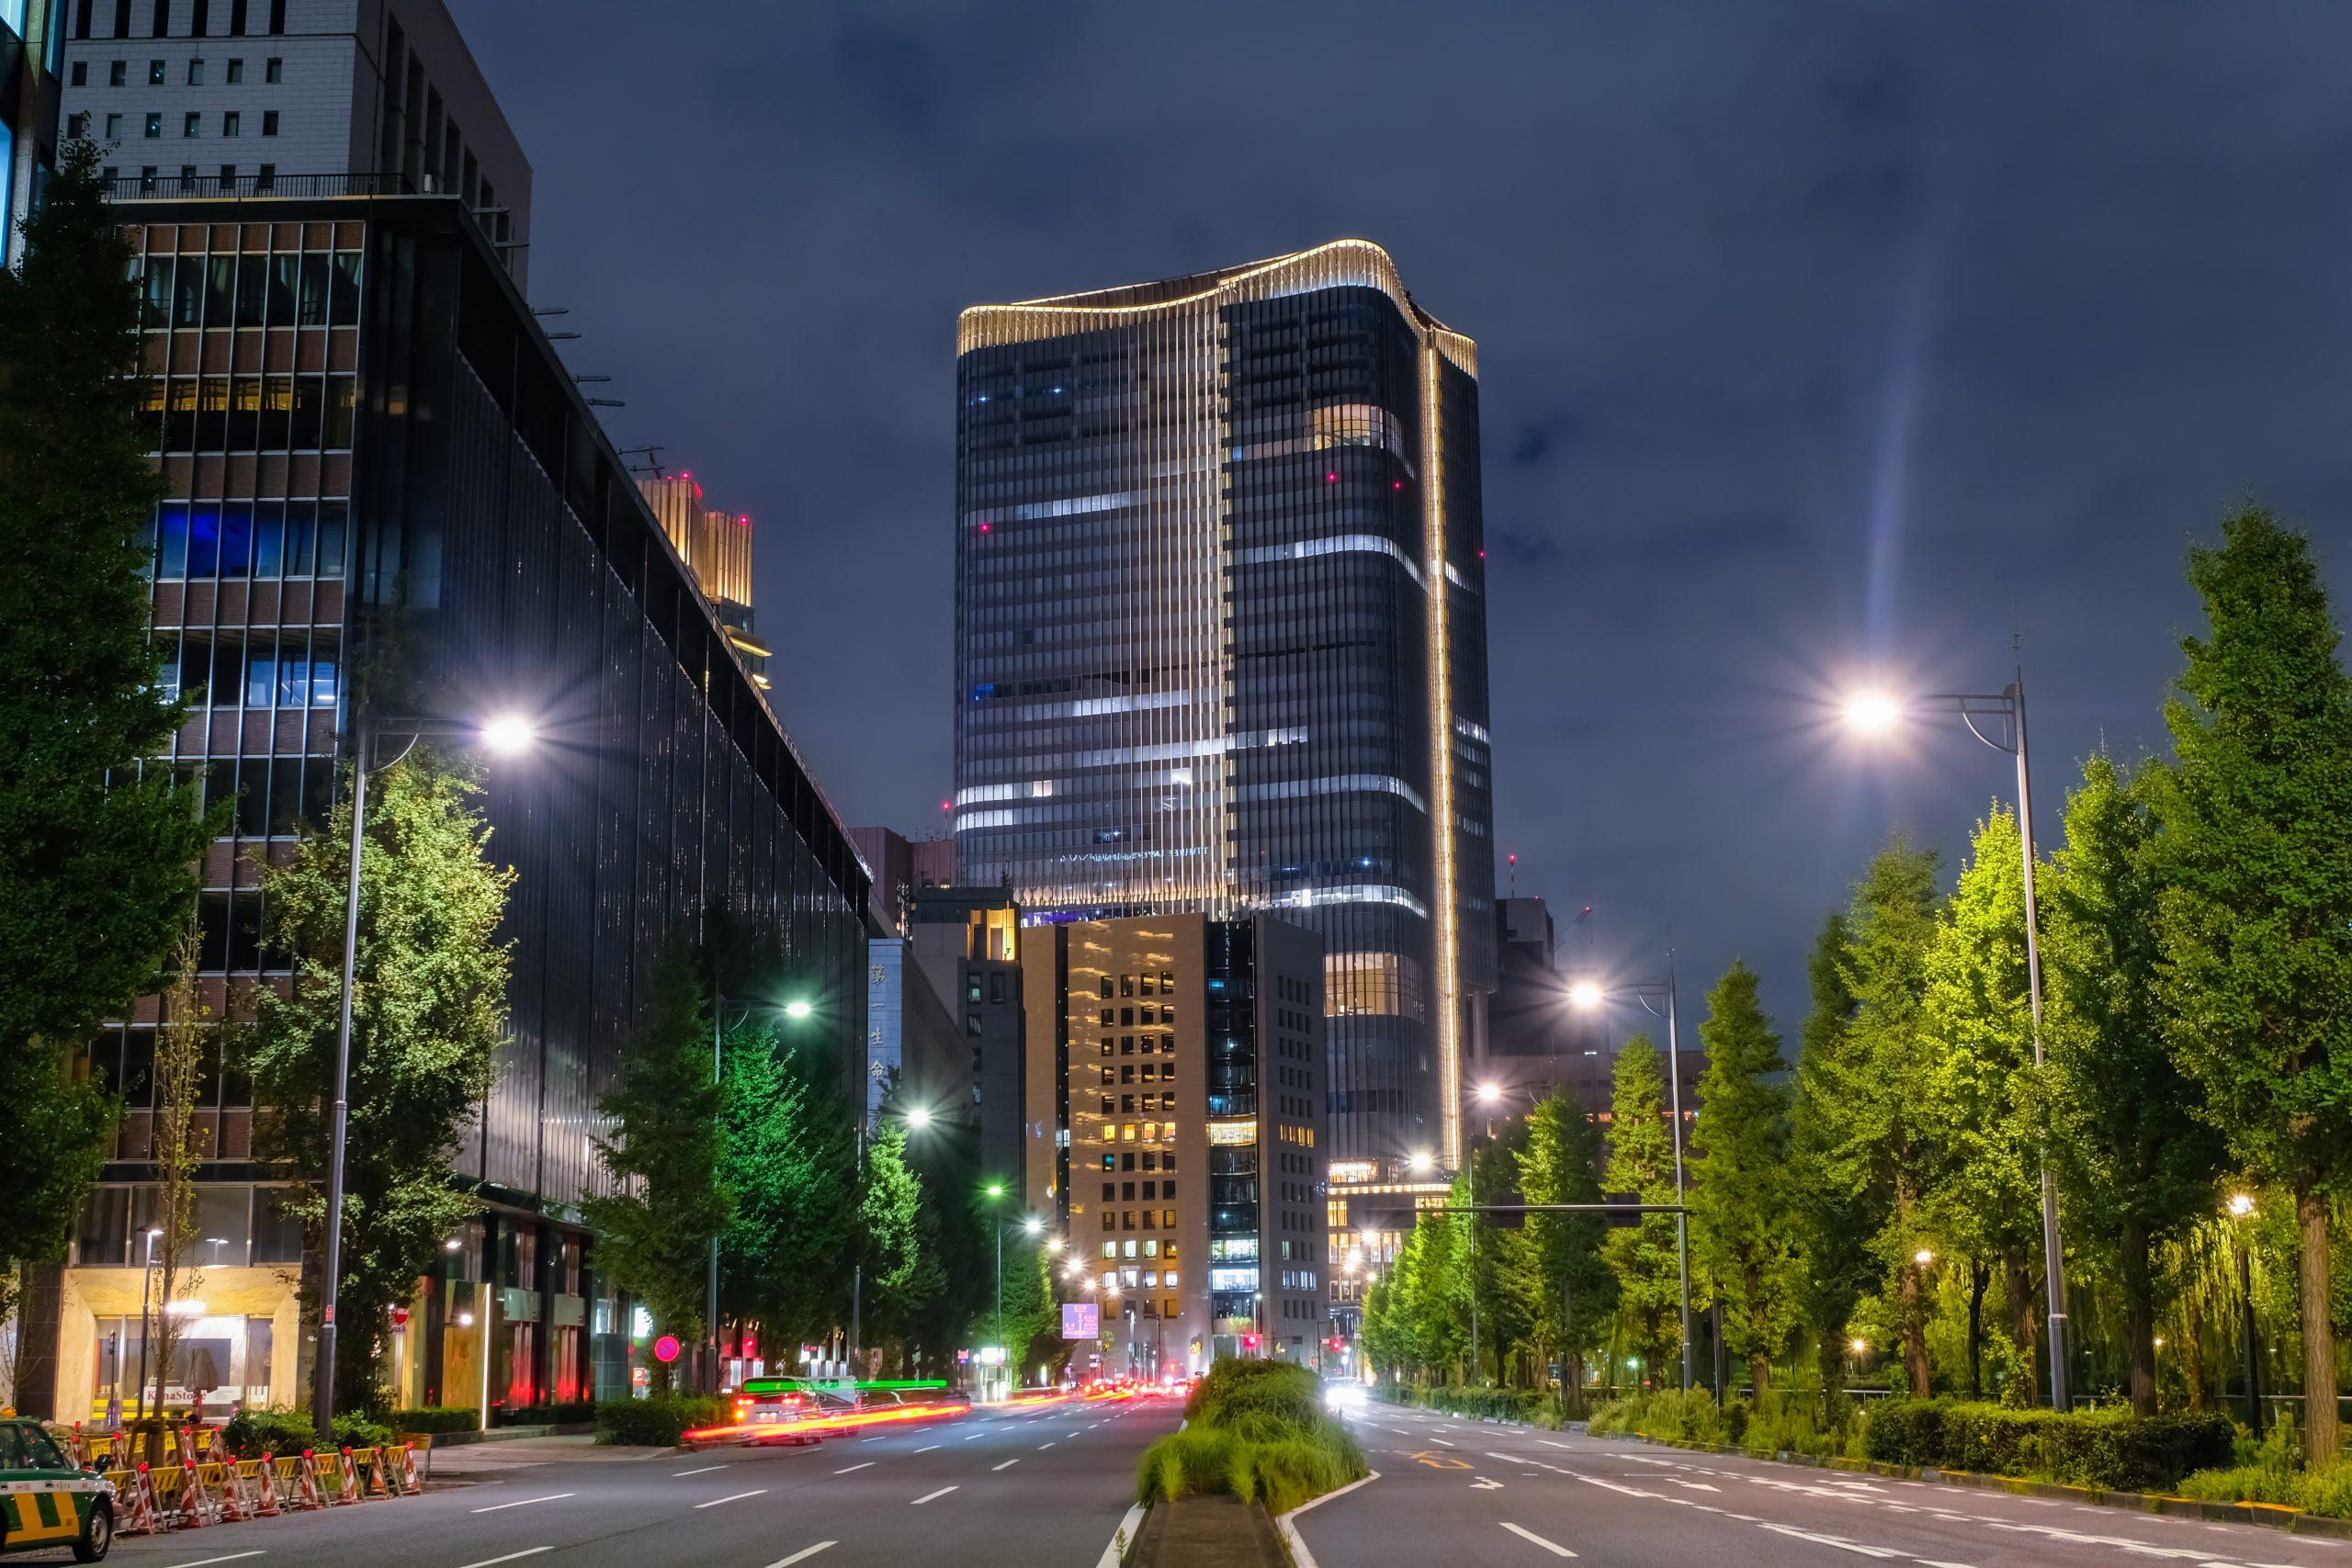 丸の内 東京ミッドタウン日比谷 夜景